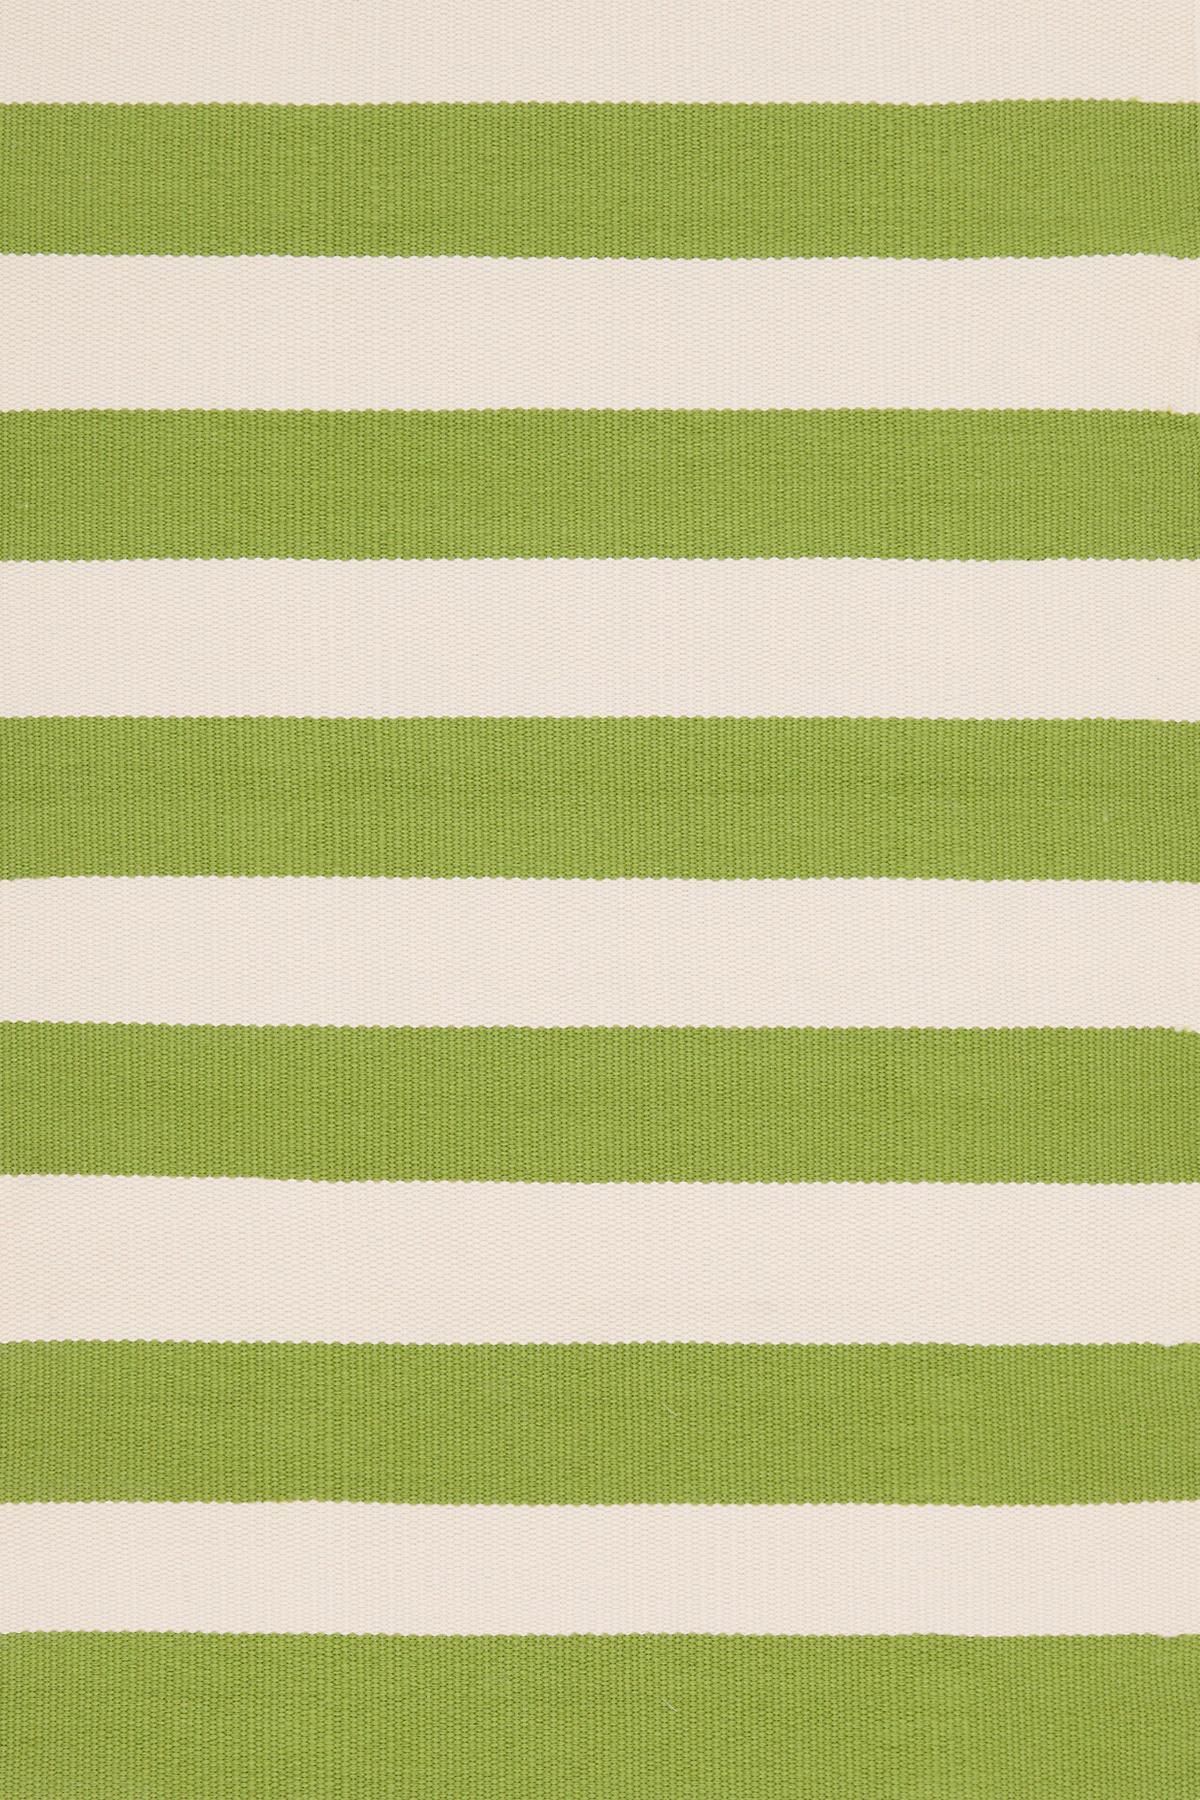 Catamaran Stripe Sprout/Ivory Indoor/Outdoor Rug